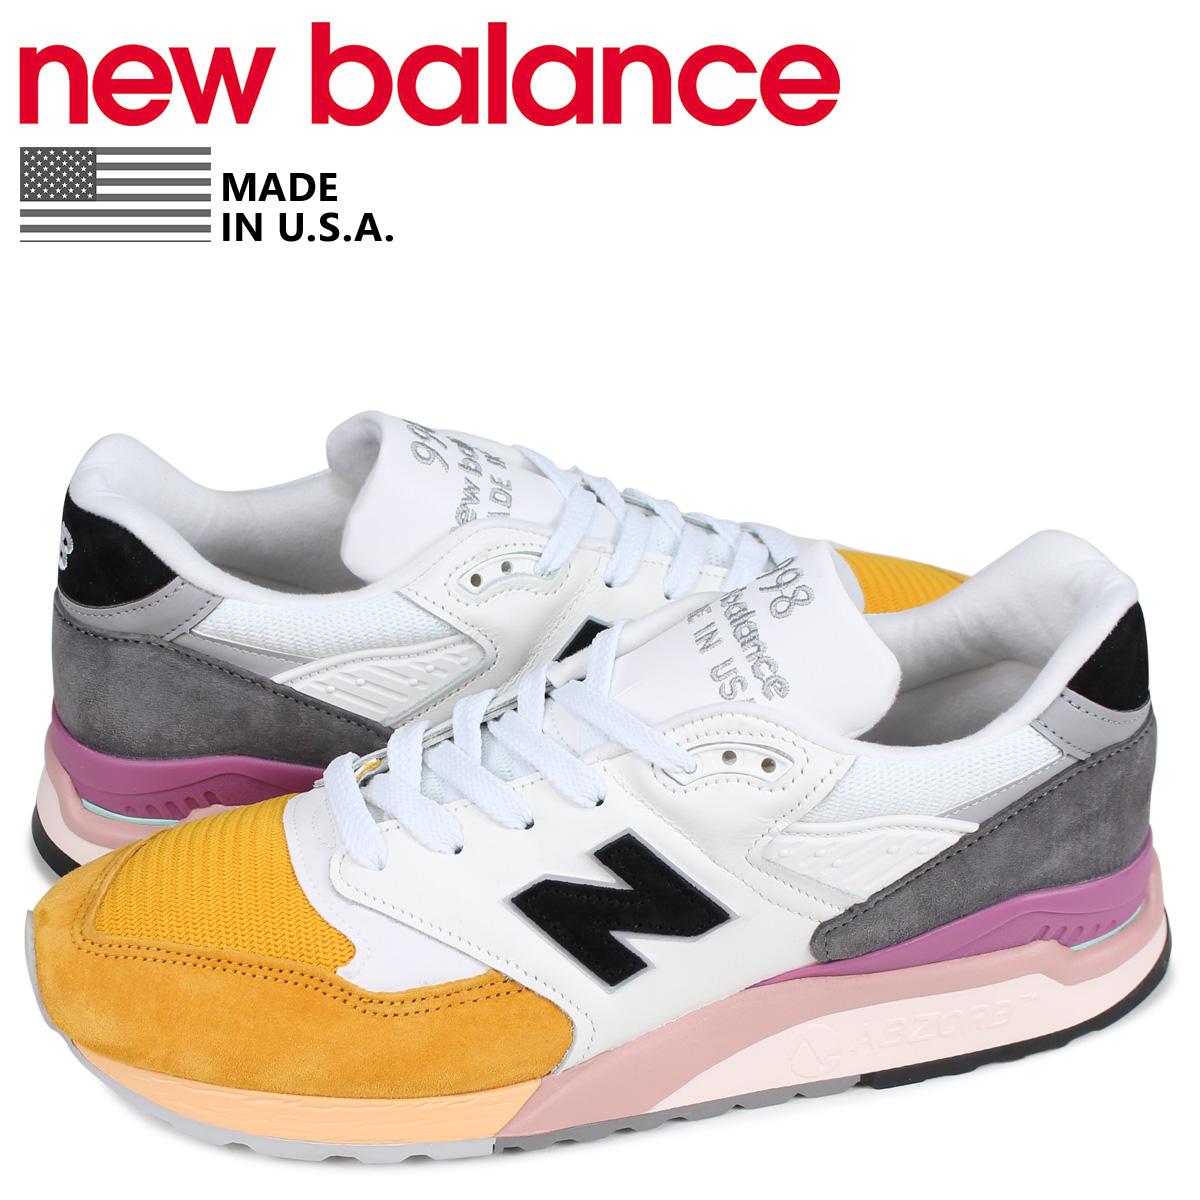 ニューバランス new balance 998 スニーカー メンズ Dワイズ MADE IN USA ホワイト 白 M998PSD